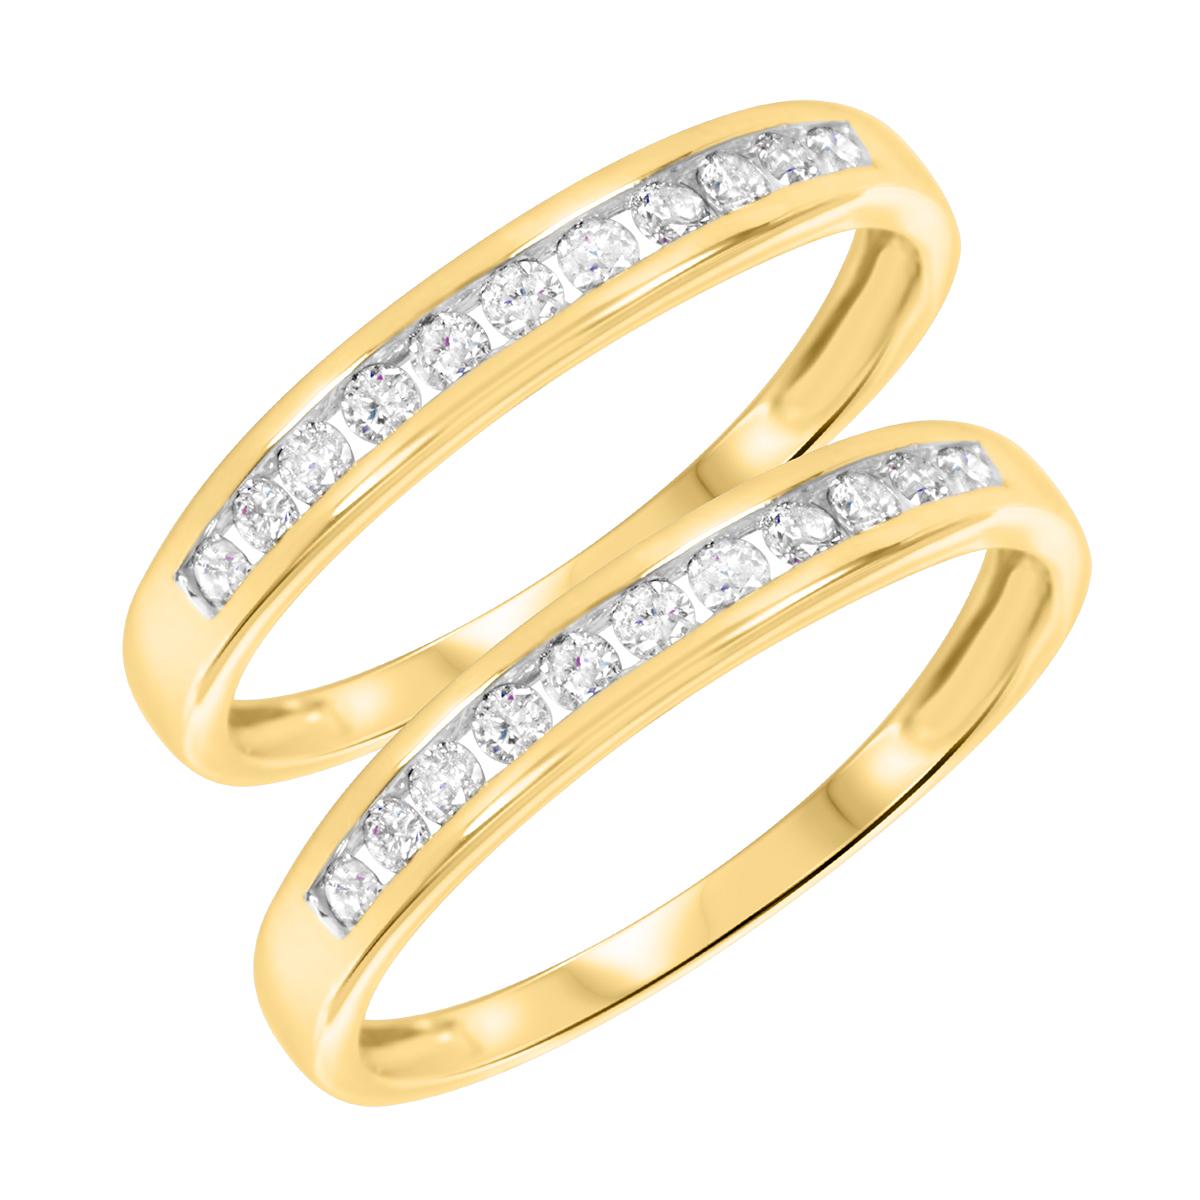 3/8 Carat T.W. Round Cut Ladies Same Sex Wedding Band Set 10K Yellow Gold- Size